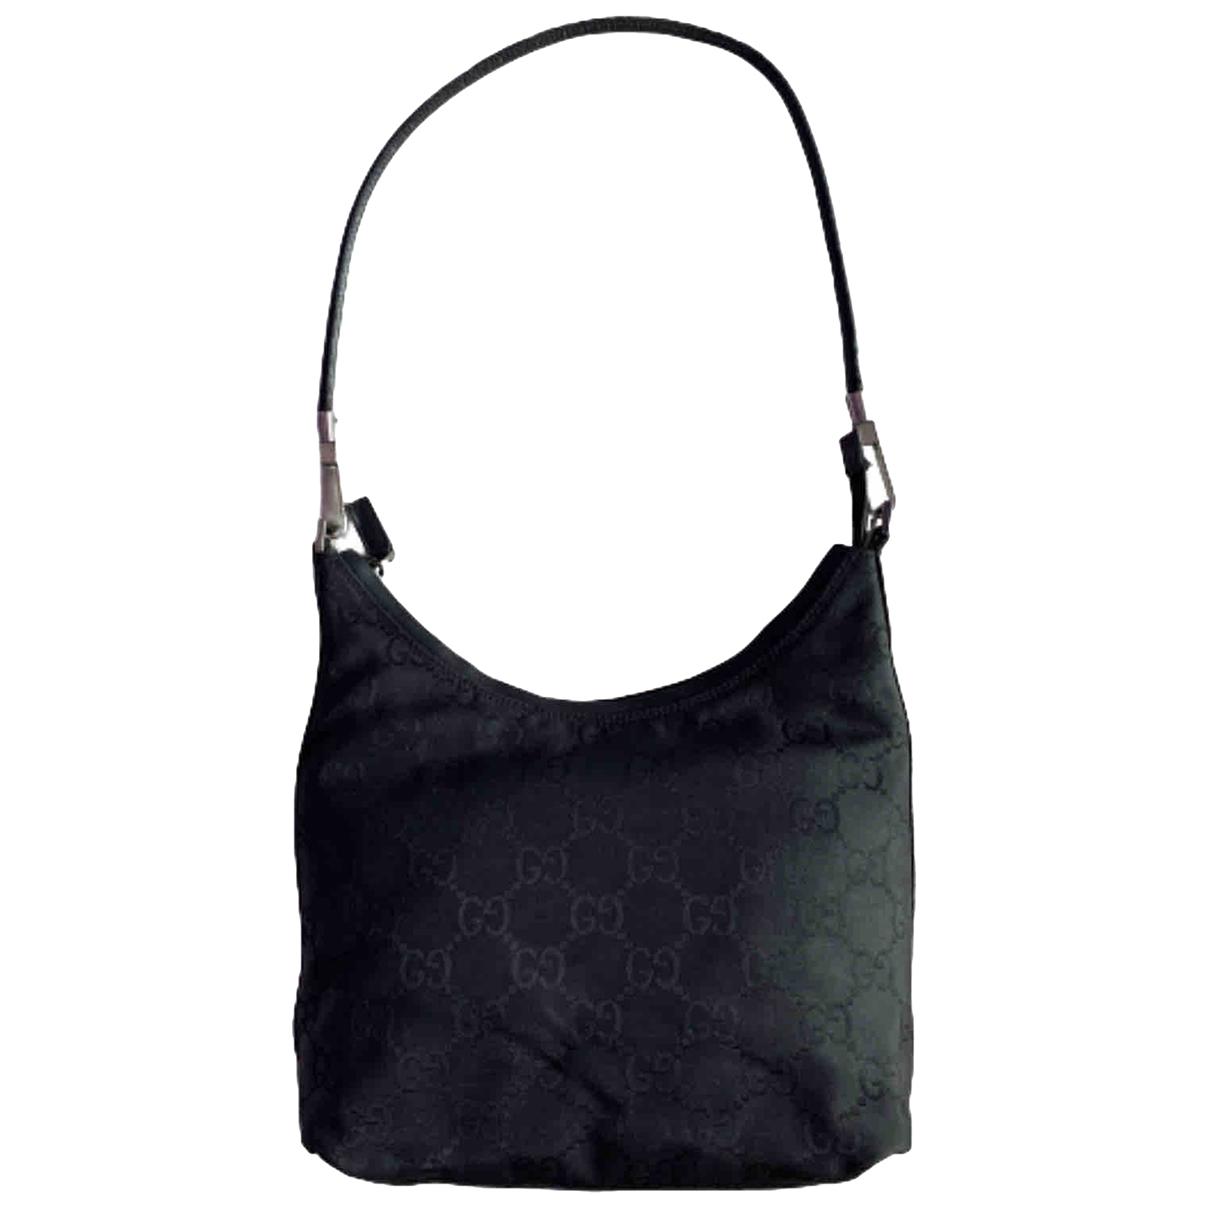 Gucci - Sac a main Hobo pour femme en toile - noir